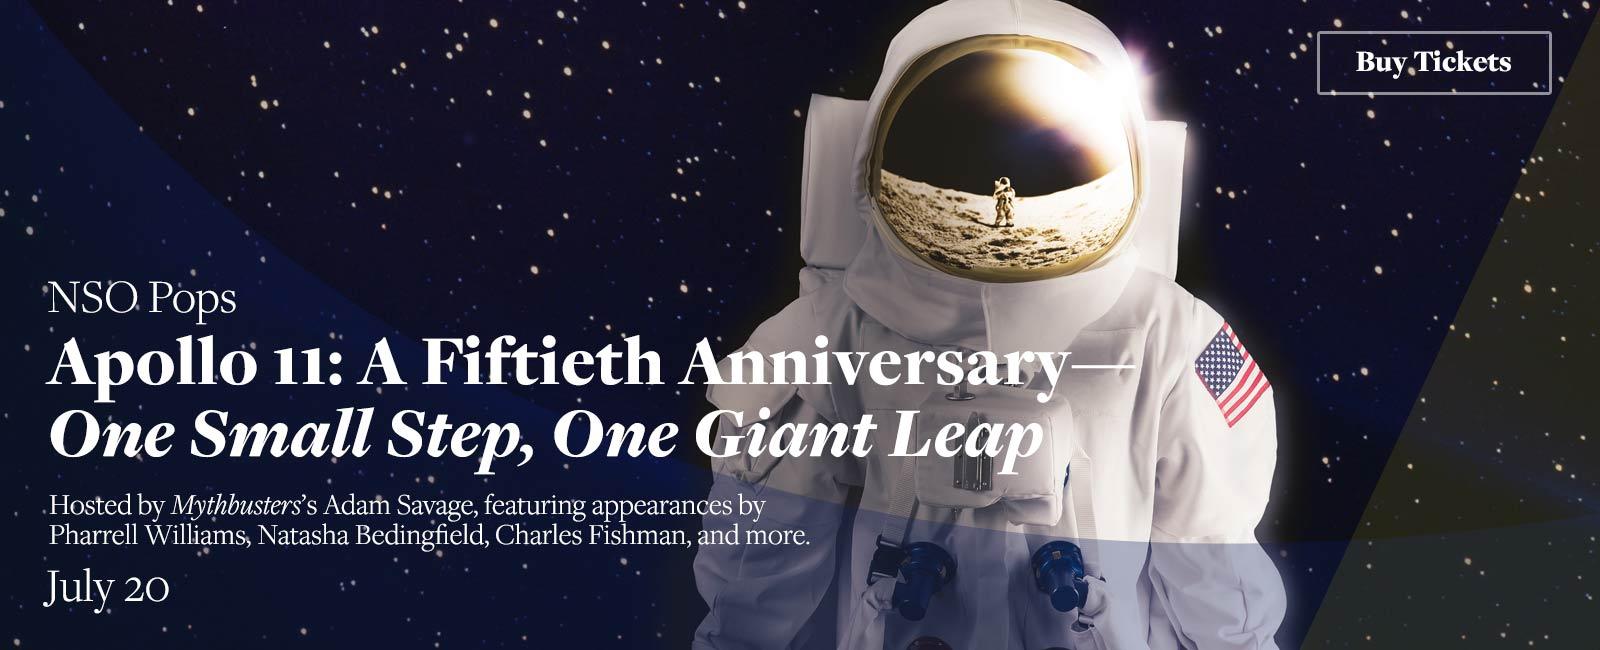 Apollo 11: A Fiftieth Anniversary Concert